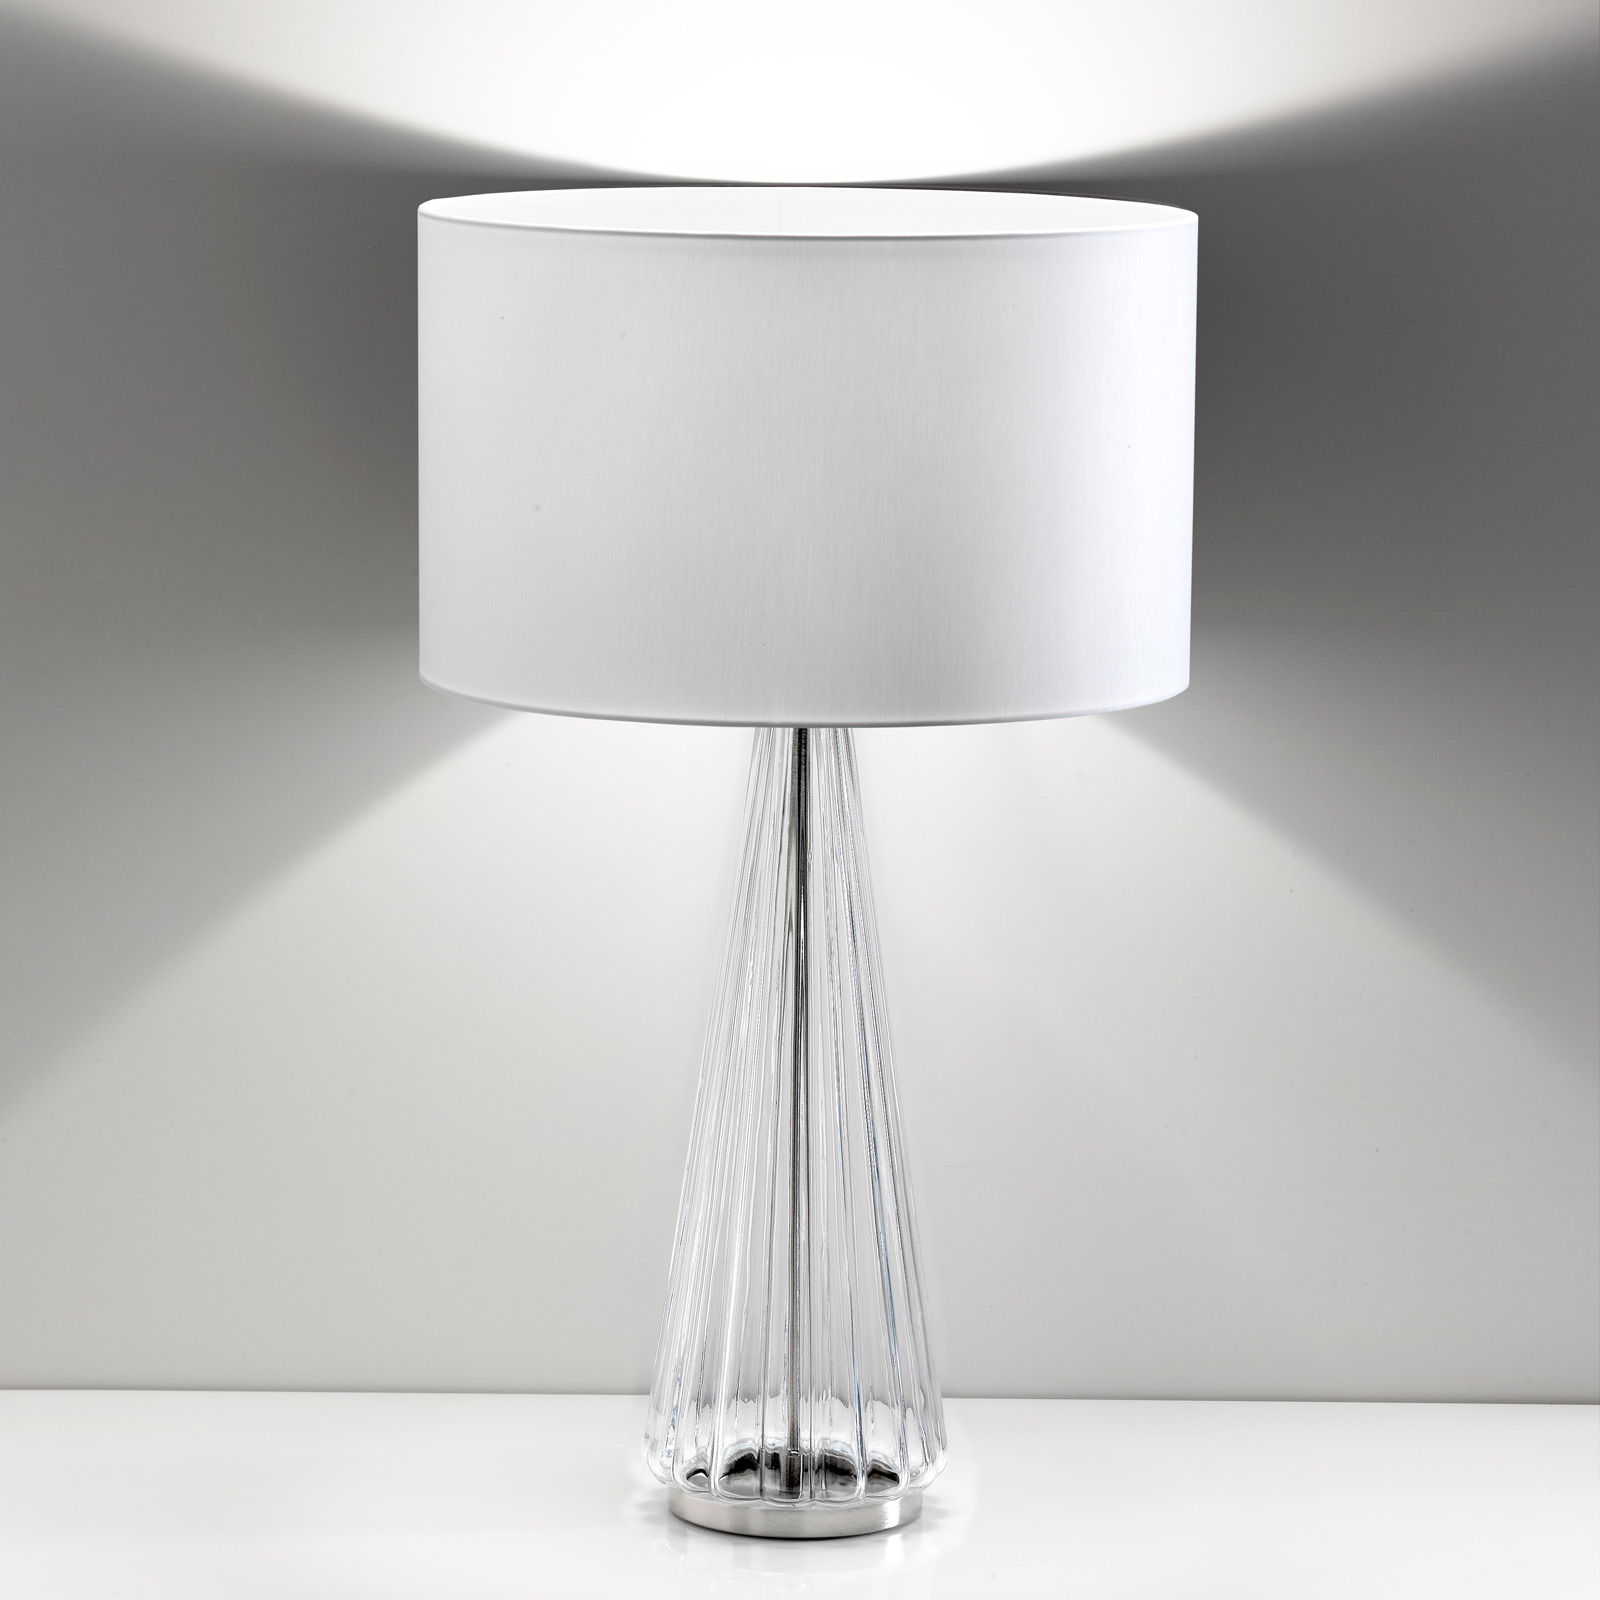 Pöytälamppu Costa Rica valkoinen, läpinäkyvä